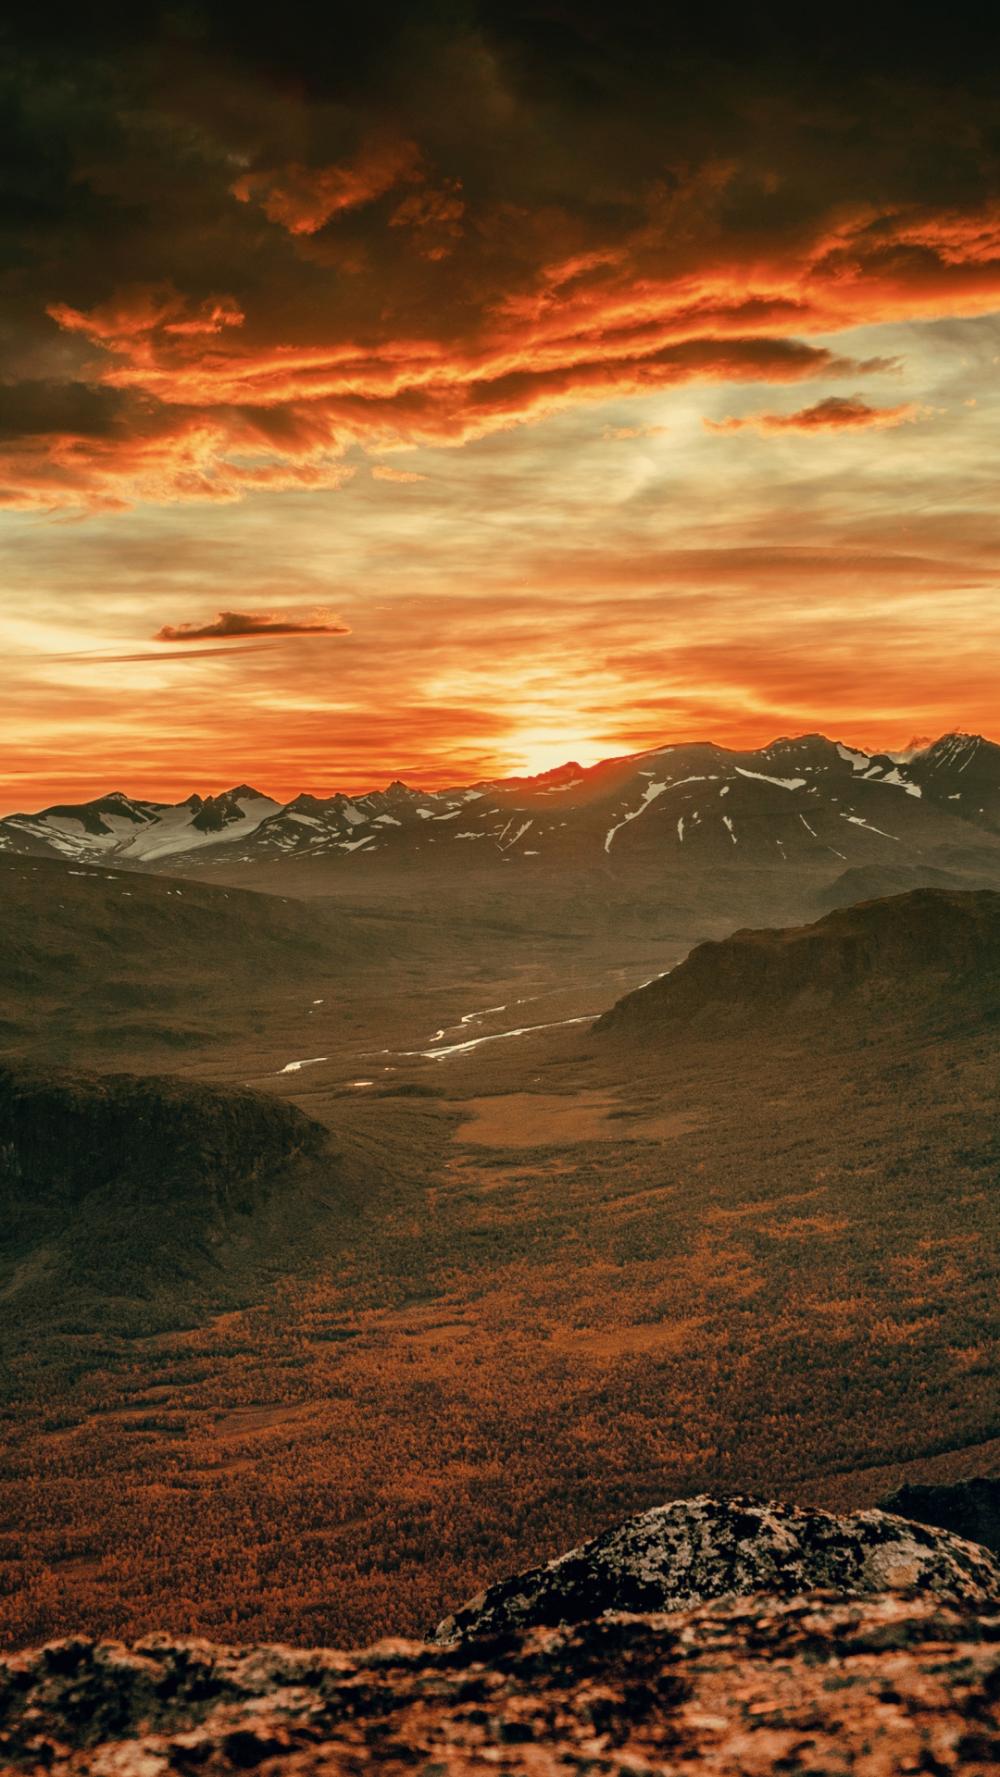 Sunset, Mountain, Cloud iPhone Wallpaper Sunset photos